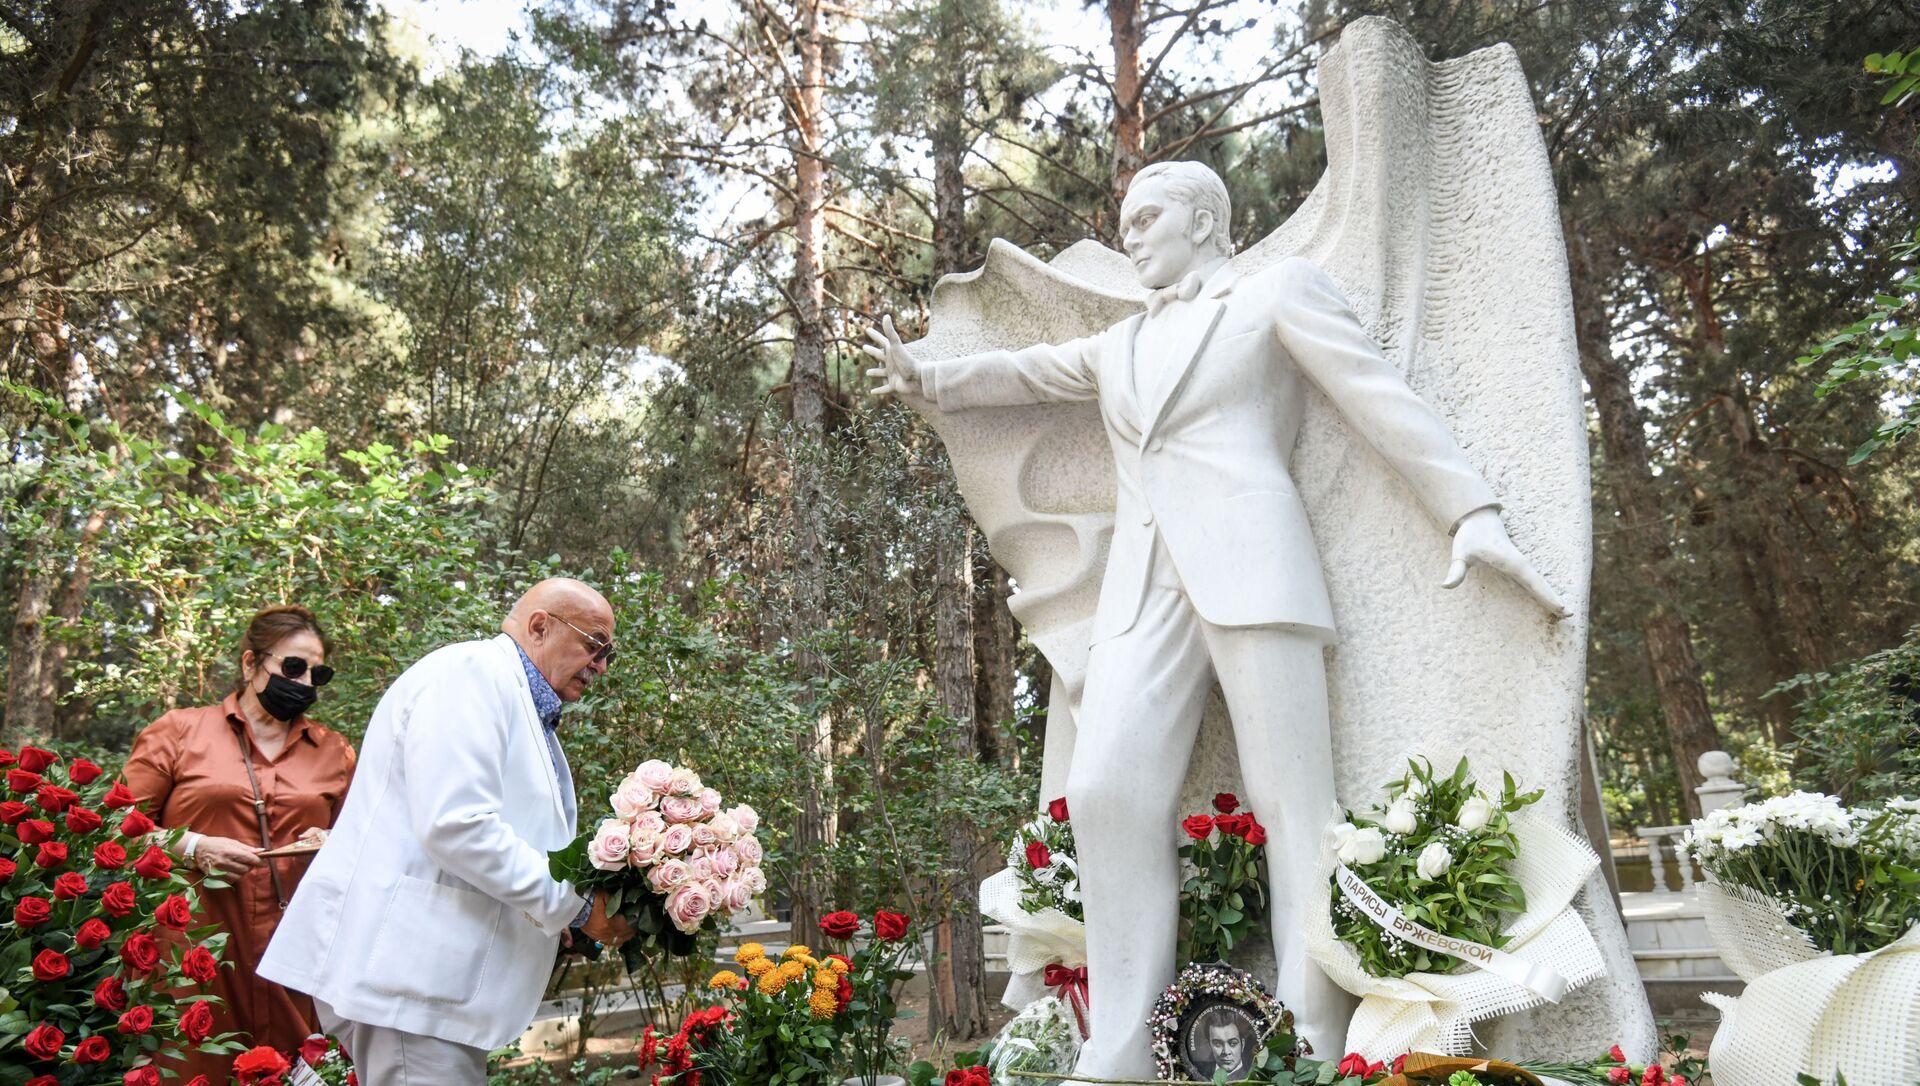 В Баку почтили память народного артиста СССР Муслима Магомаева  - Sputnik Азербайджан, 1920, 17.08.2021